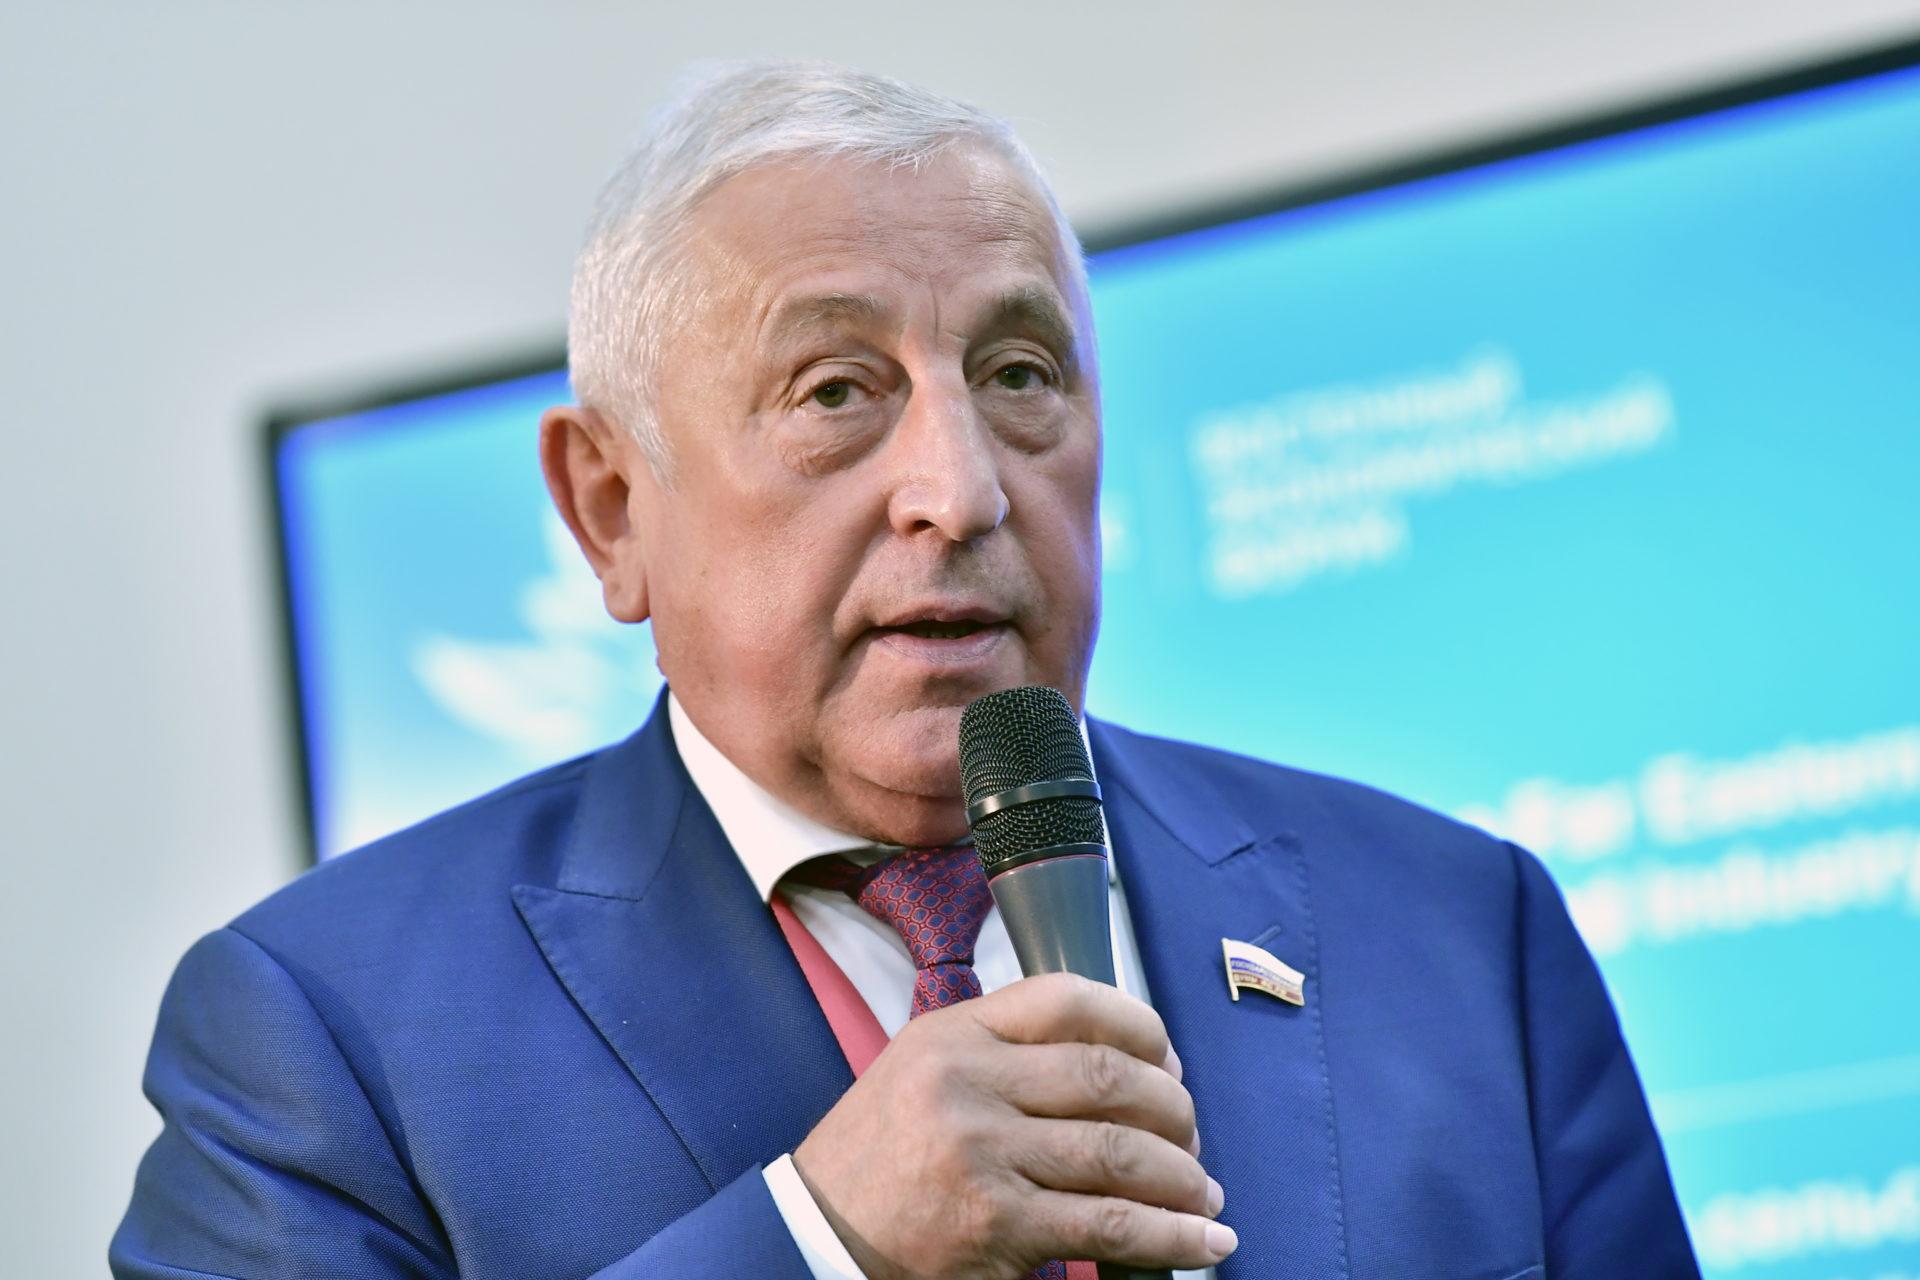 Николай Харитонов: Россия последовательно выполняет все свои обязательства в рамках Парижского соглашения по климату